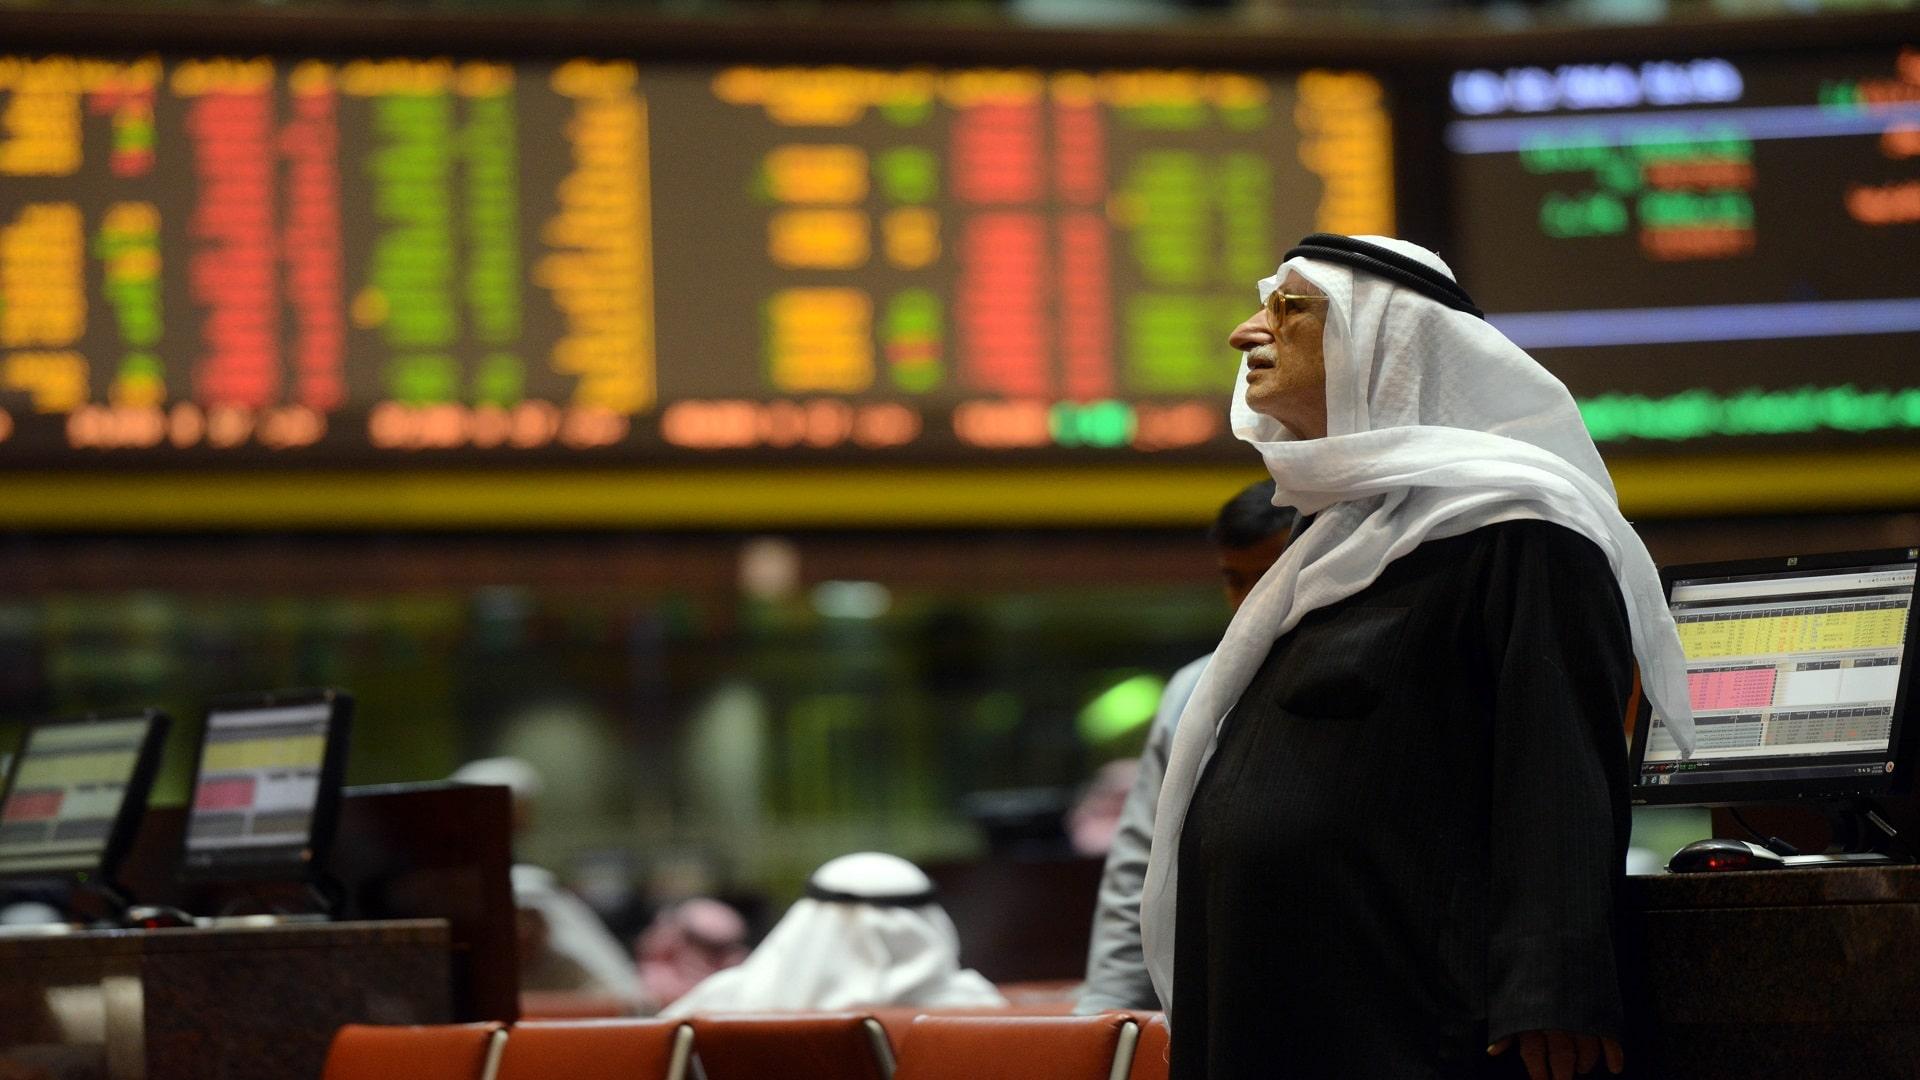 خسائر فادحة.. كورونا يضرب البورصات الخليجية والسعودية أكبر الخاسرين